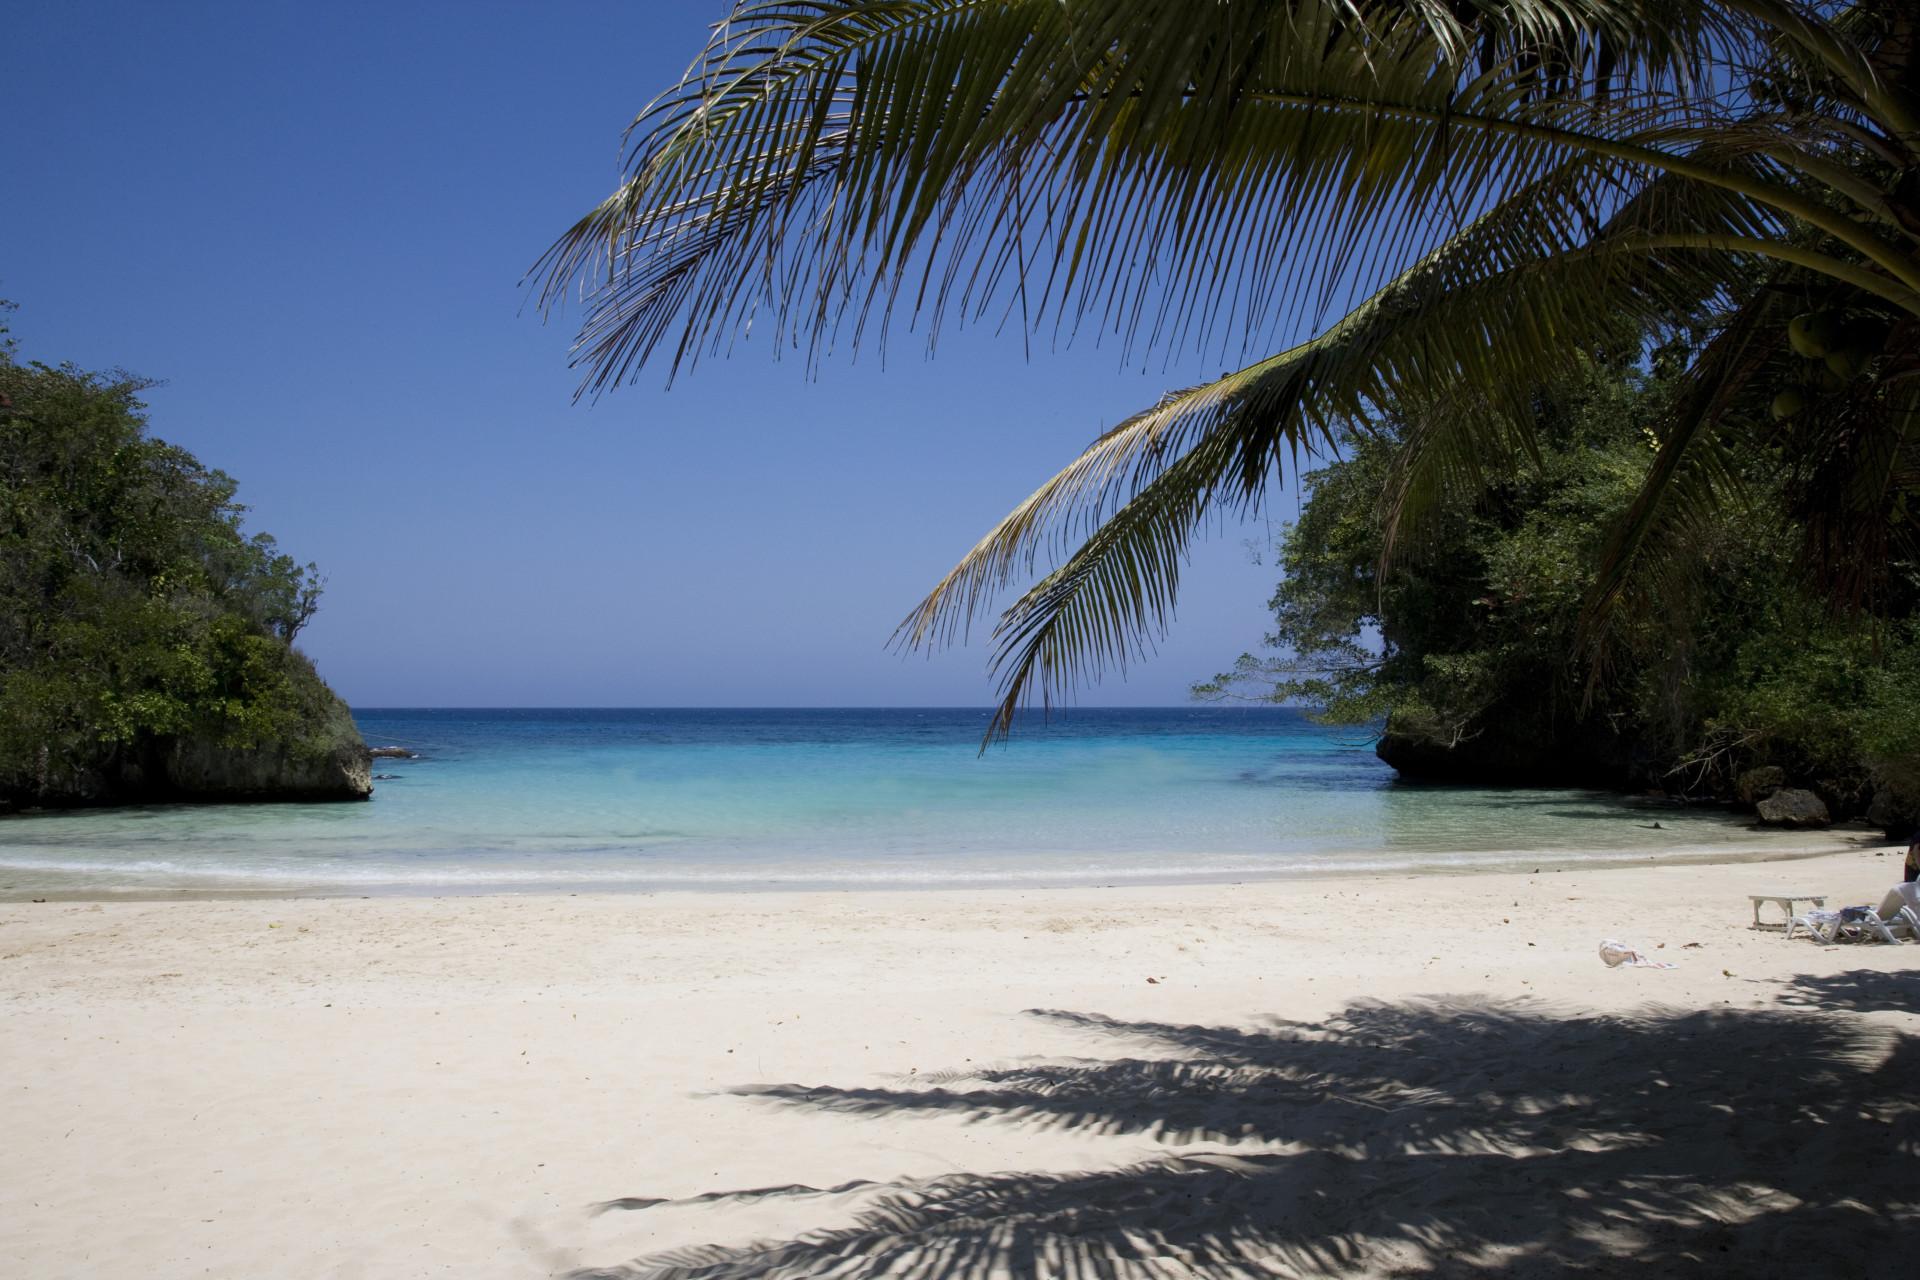 Saiba por que a Jamaica é o destino preferido dos turistas no Caribe